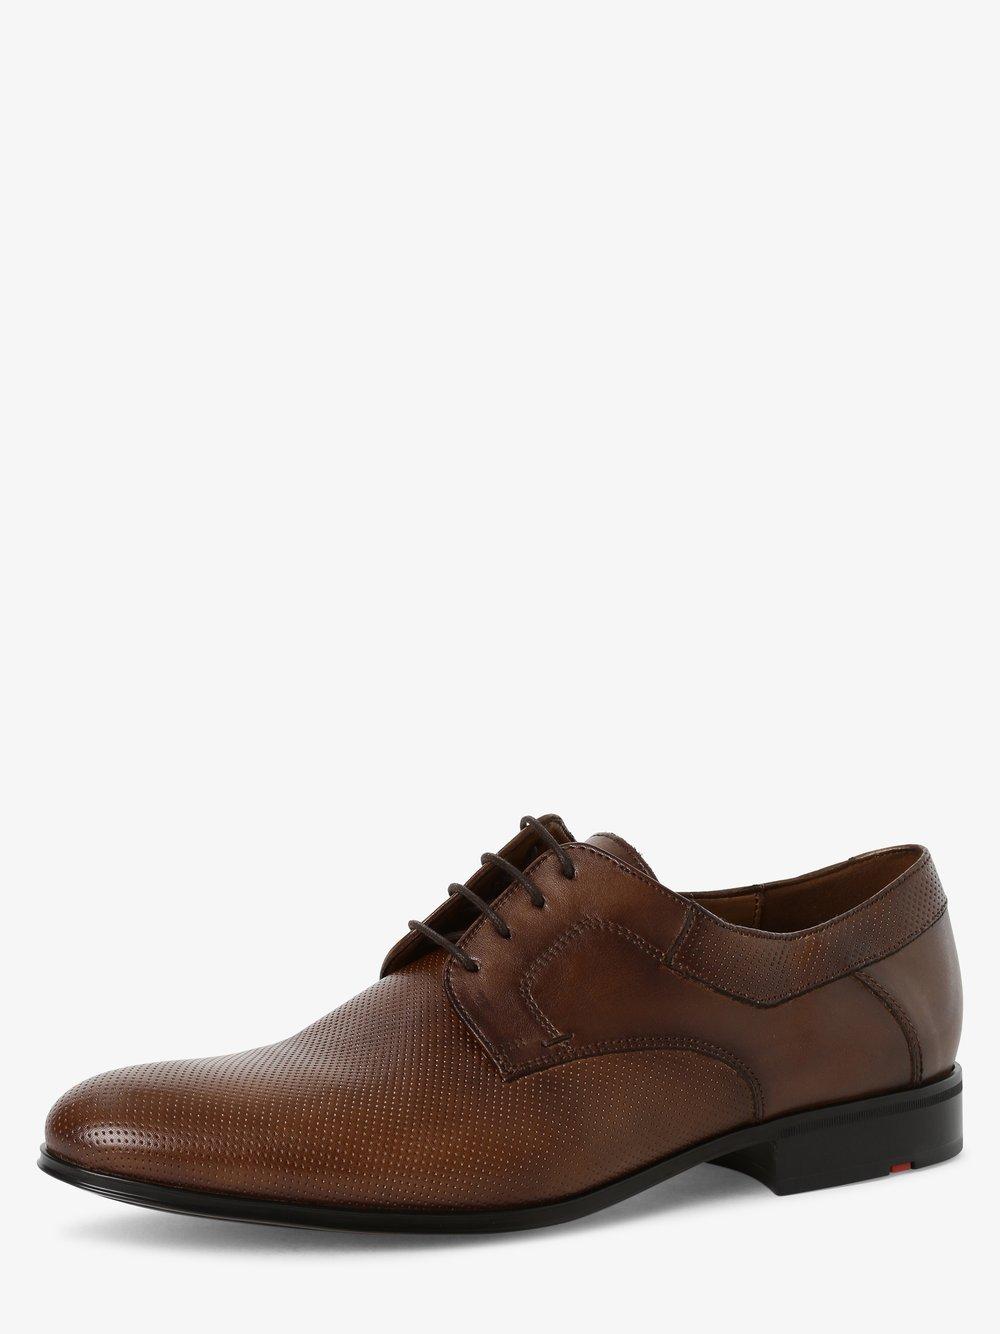 Lloyd – Męskie buty sznurowane ze skóry, beżowy Van Graaf 474429-0001-00090